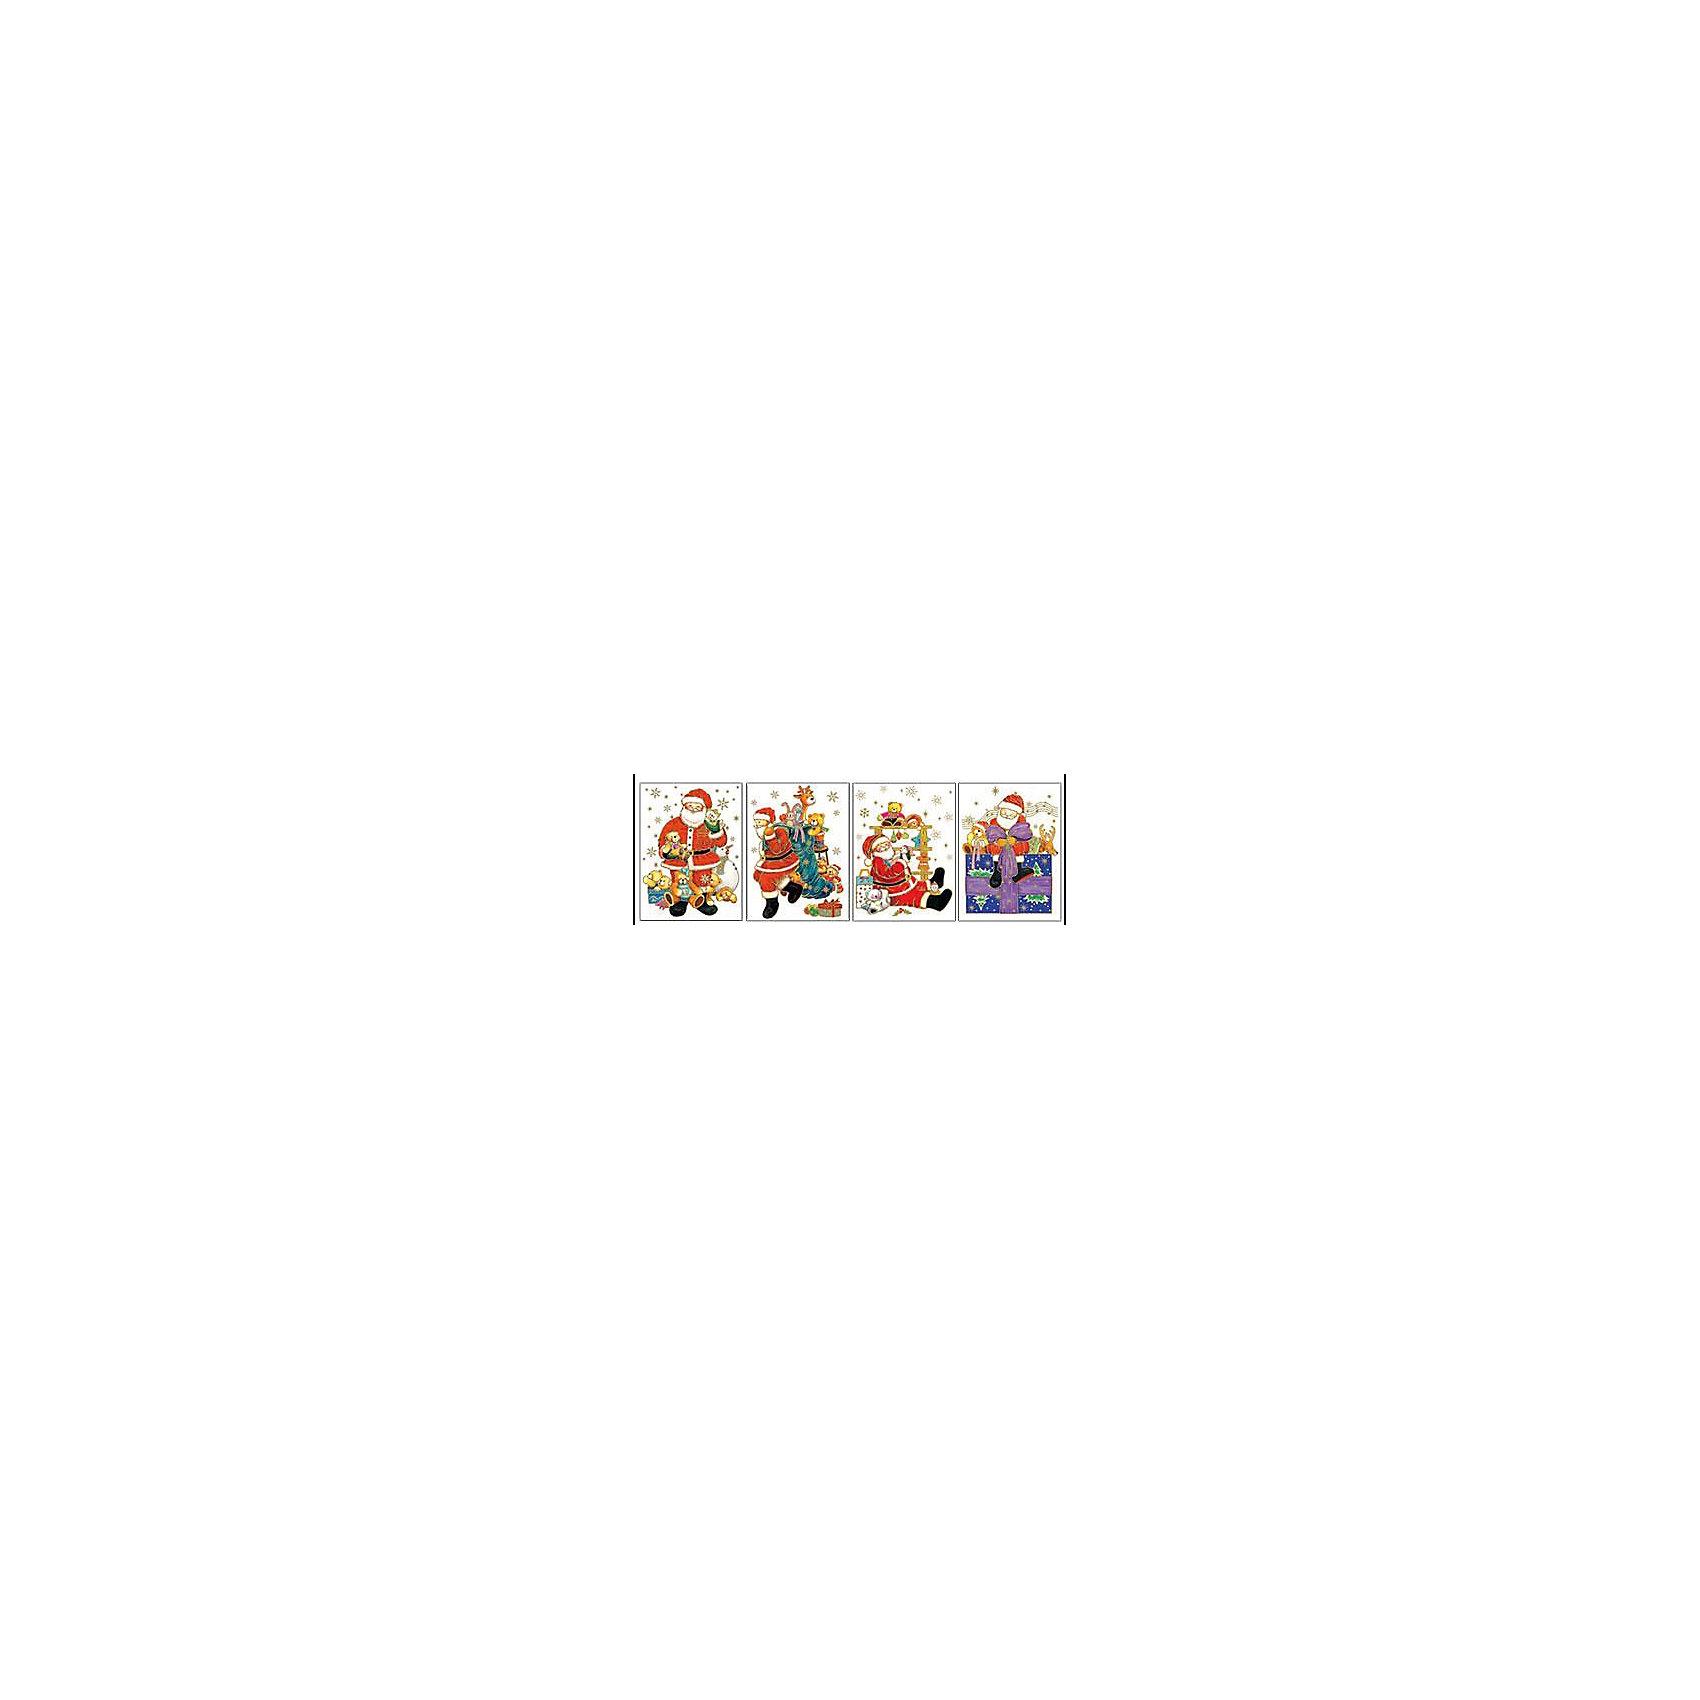 Наклейка на стекло Дед Мороз с подарками 30*20 смВсё для праздника<br>Наклейка на стекло Дед Мороз с подарками замечательно украсит Ваш интерьер и создаст праздничное новогоднее настроение. Красочная наклейка выполнена в виде изображения Деда Мороза с подарками. Прочно крепится к стеклу с помощью прозрачной клейкой пленки. В ассортименте наклейки с разным дизайном.<br><br>Дополнительная информация:<br><br>- Материал: ПВХ пленка.<br>- Размер упаковки: 20 х 30 х 1,8 см. <br>- Вес: 287 гр. <br><br>ВНИМАНИЕ! Данный артикул представлен в разных вариантах исполнения. К сожалению заранее выбрать определенный вариант невозможно. При заказе нескольких наклеек возможно получение одинаковых.<br><br>Наклейку на стекло Дед Мороз с подарками, Marko Ferenzo, можно купить в нашем интернет-магазине.<br><br>Ширина мм: 200<br>Глубина мм: 300<br>Высота мм: 18<br>Вес г: 287<br>Возраст от месяцев: 36<br>Возраст до месяцев: 2147483647<br>Пол: Унисекс<br>Возраст: Детский<br>SKU: 4418859